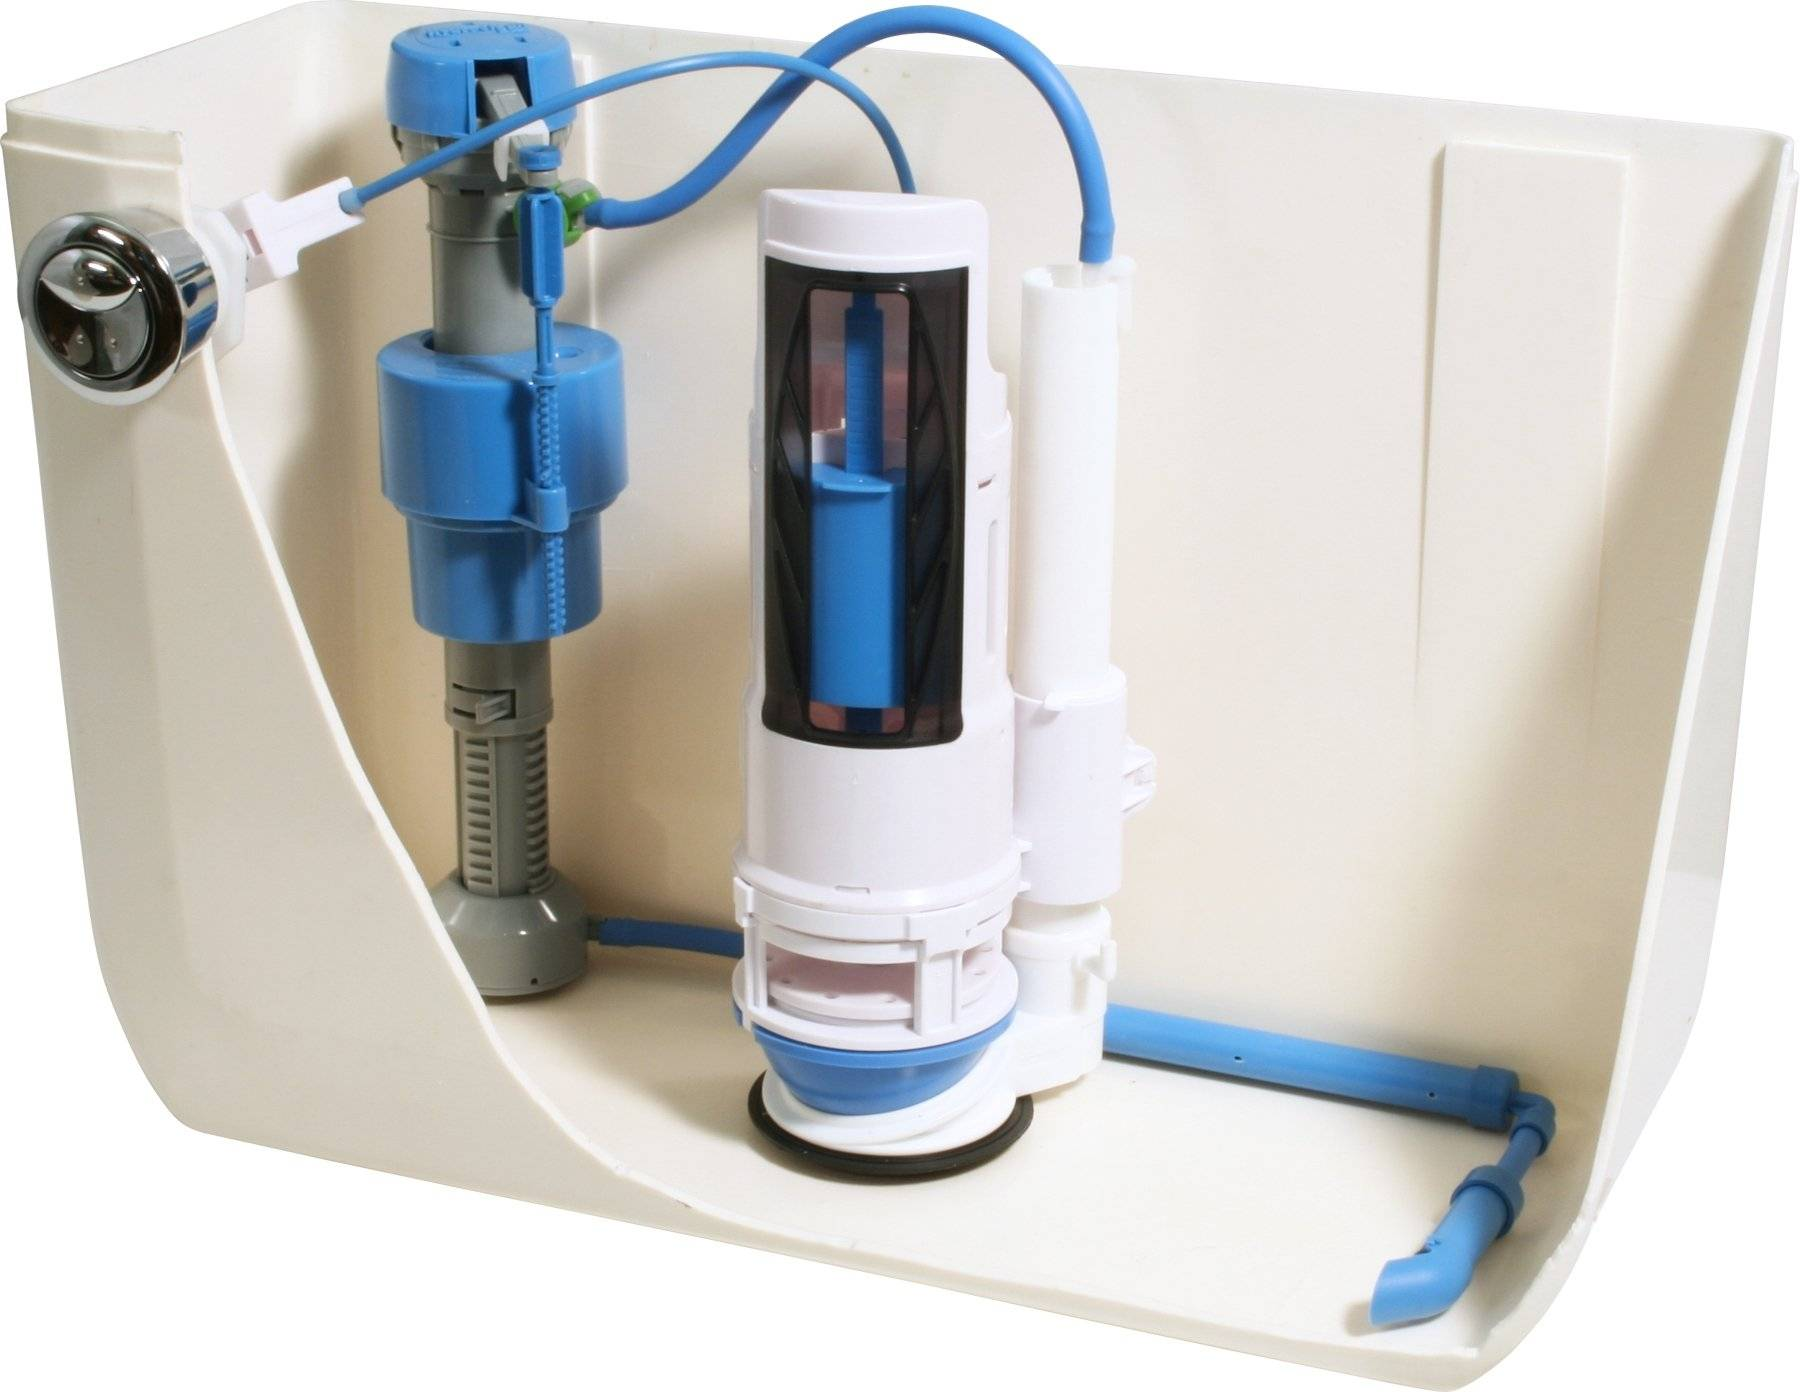 Регулировка смывного бачка с нижней подводкой - всё о сантехнике